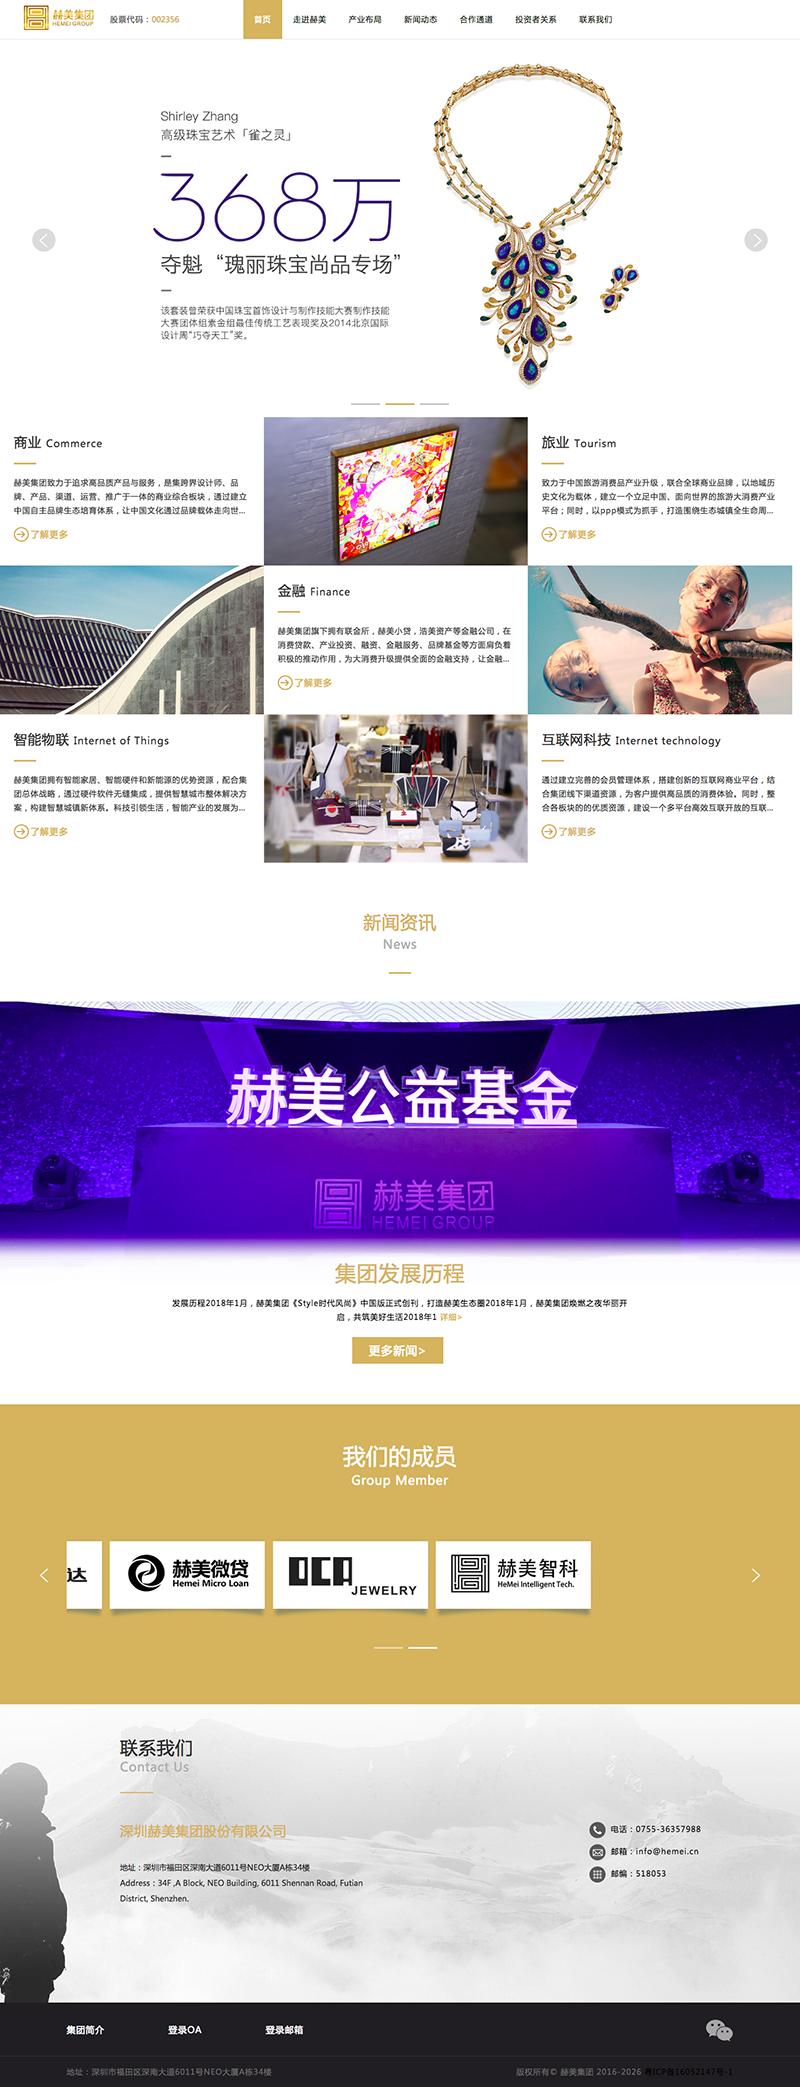 赫美集团-赫誉天下,美享中国,股票代码(002356).png